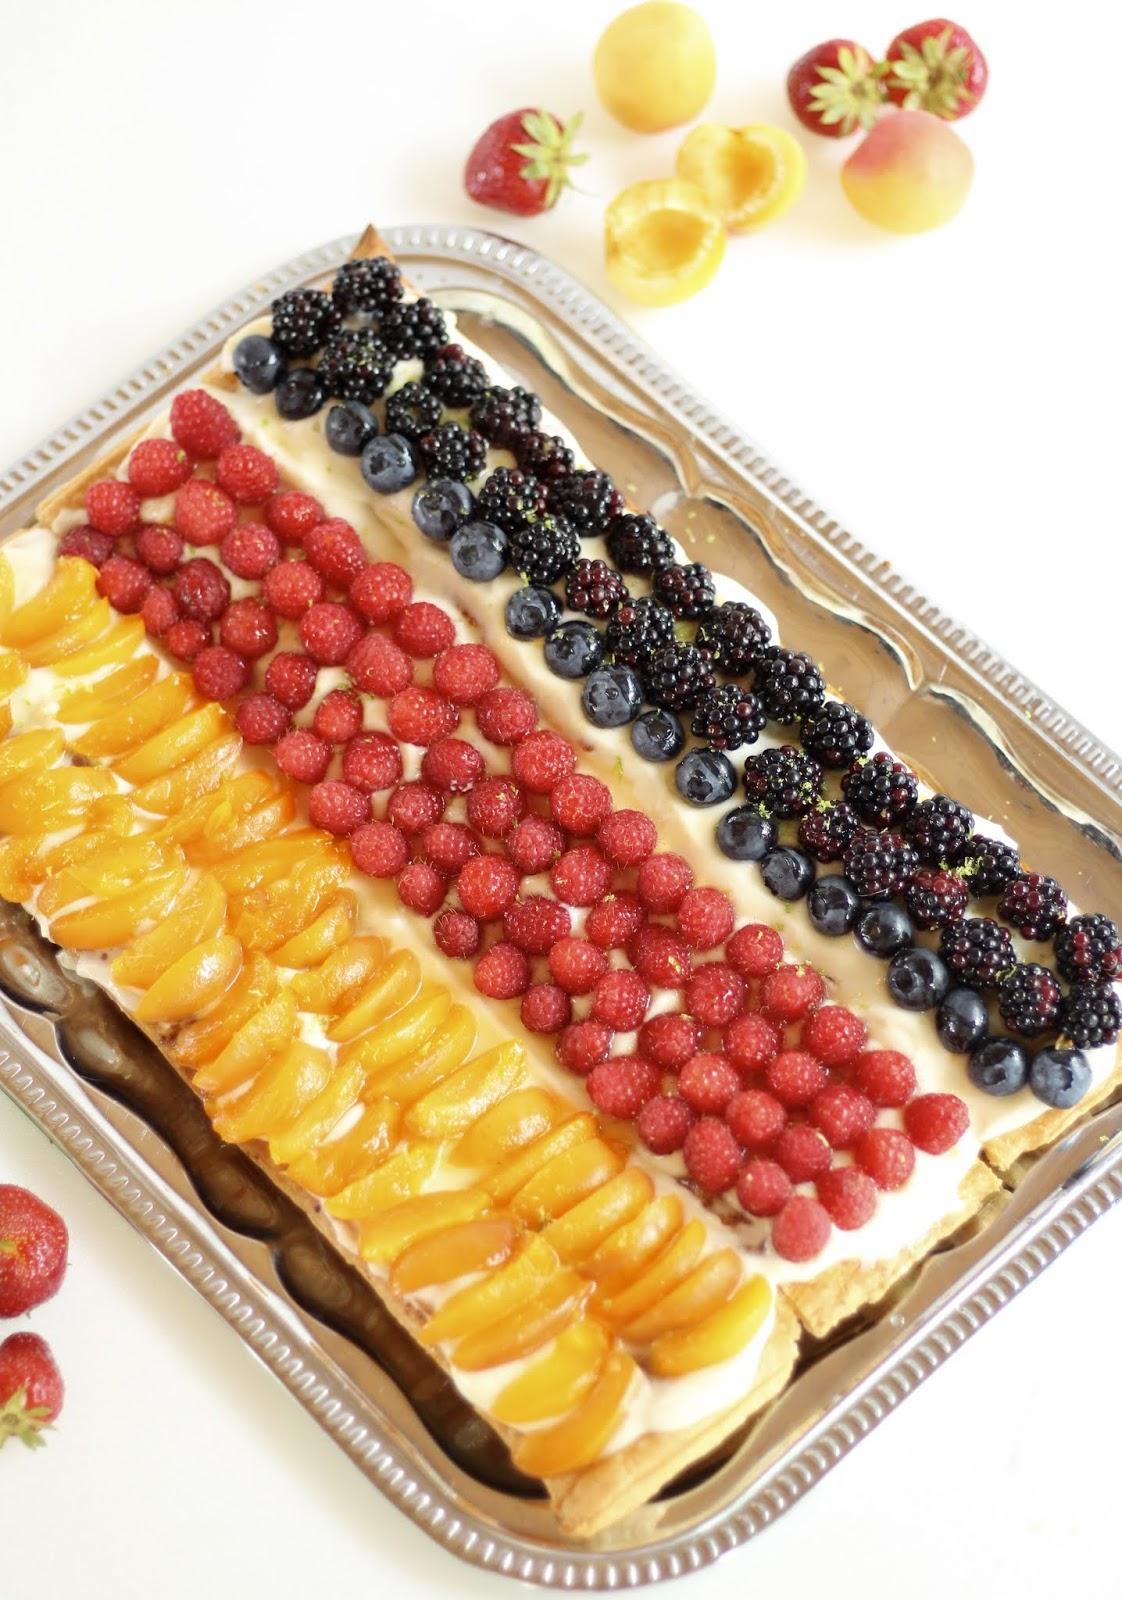 Deutschland-Torte mit Obst und Blätterteig: Multifrucht-Blätterteig-Torte, schnell und einfach und mit Video